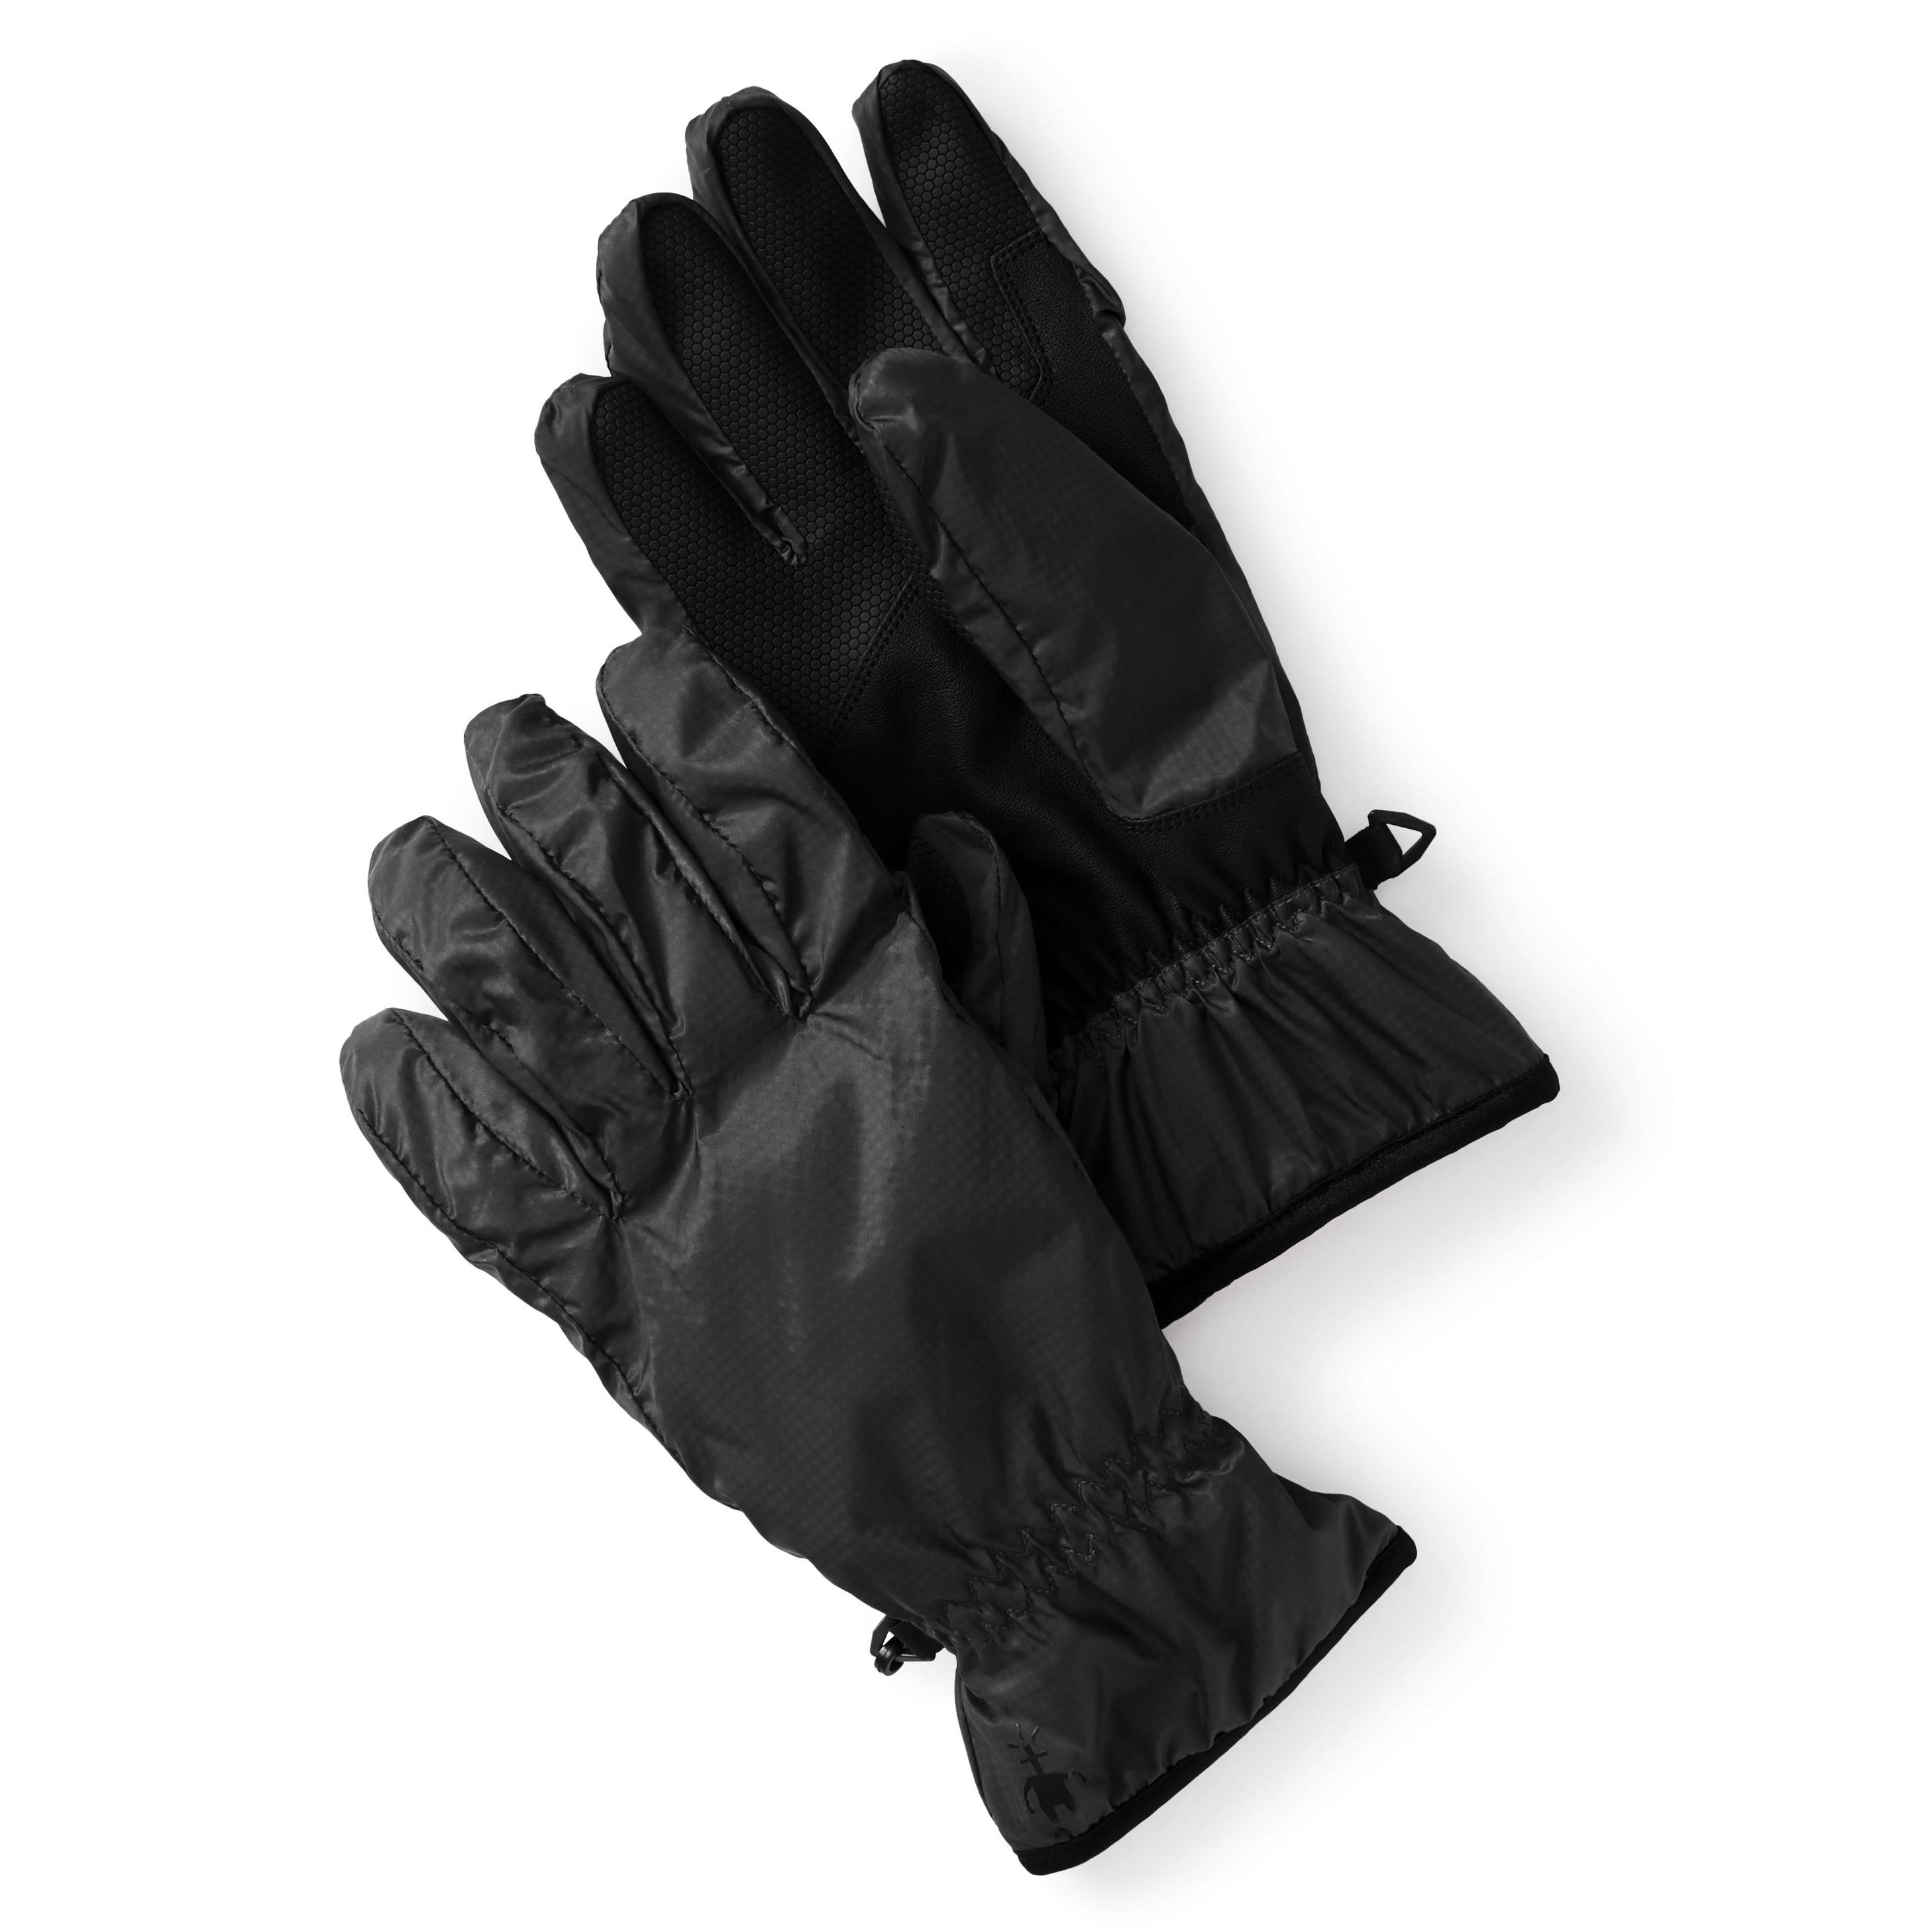 Smartloft Glove